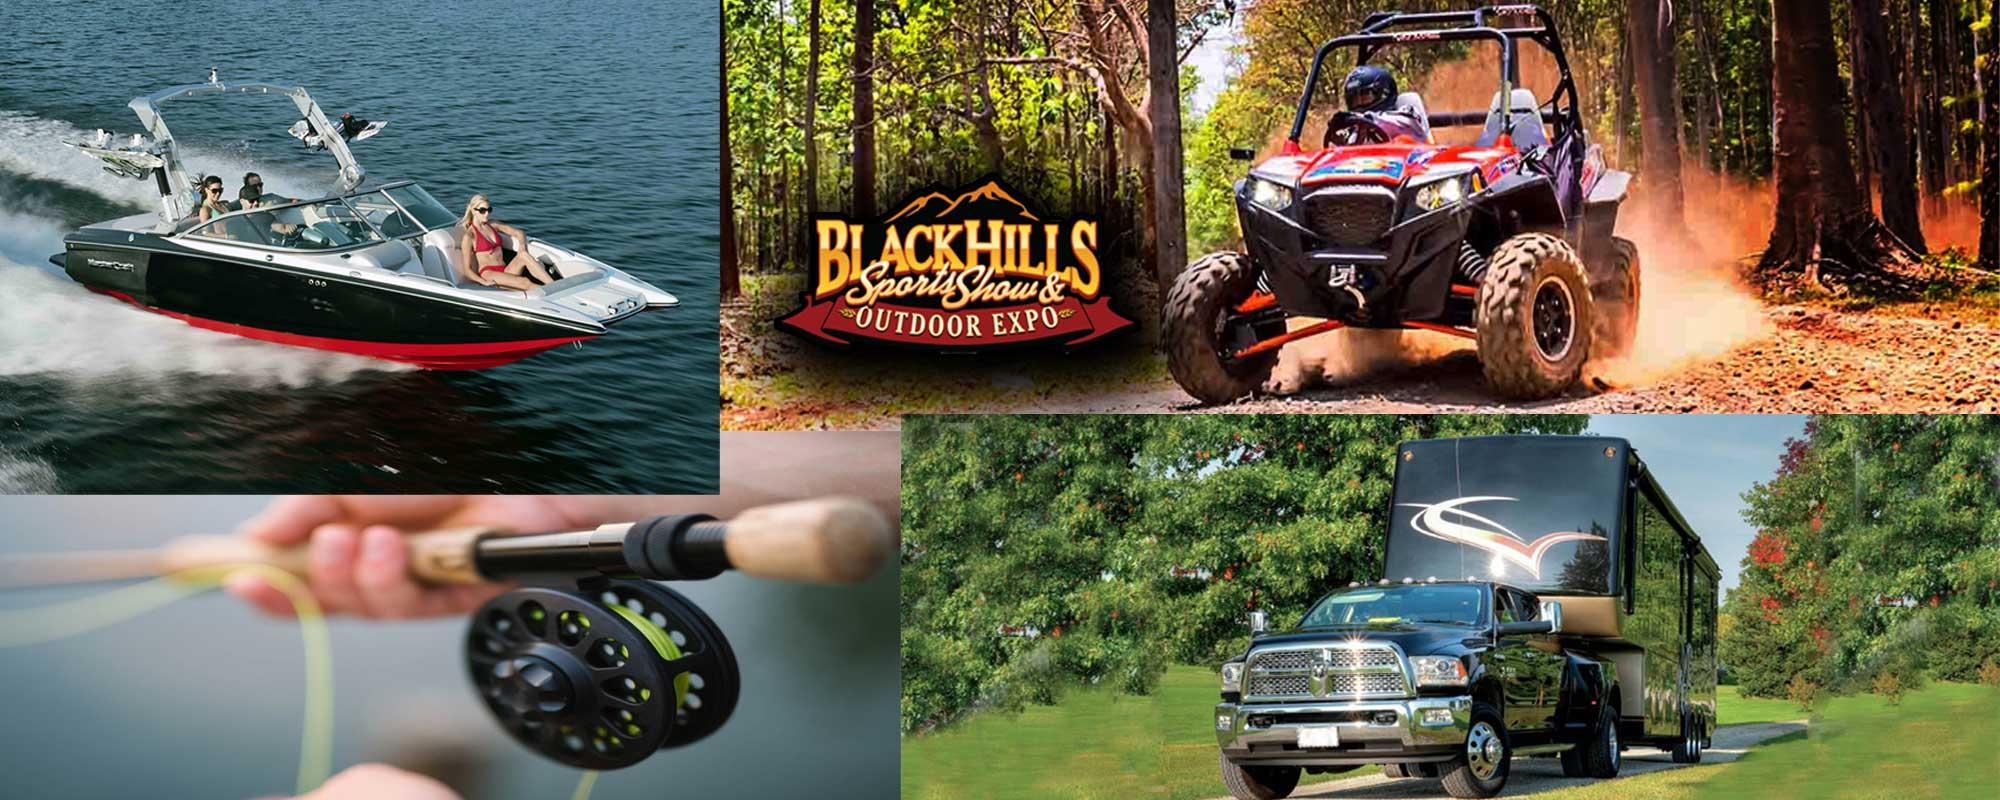 Black Hills Sports Show